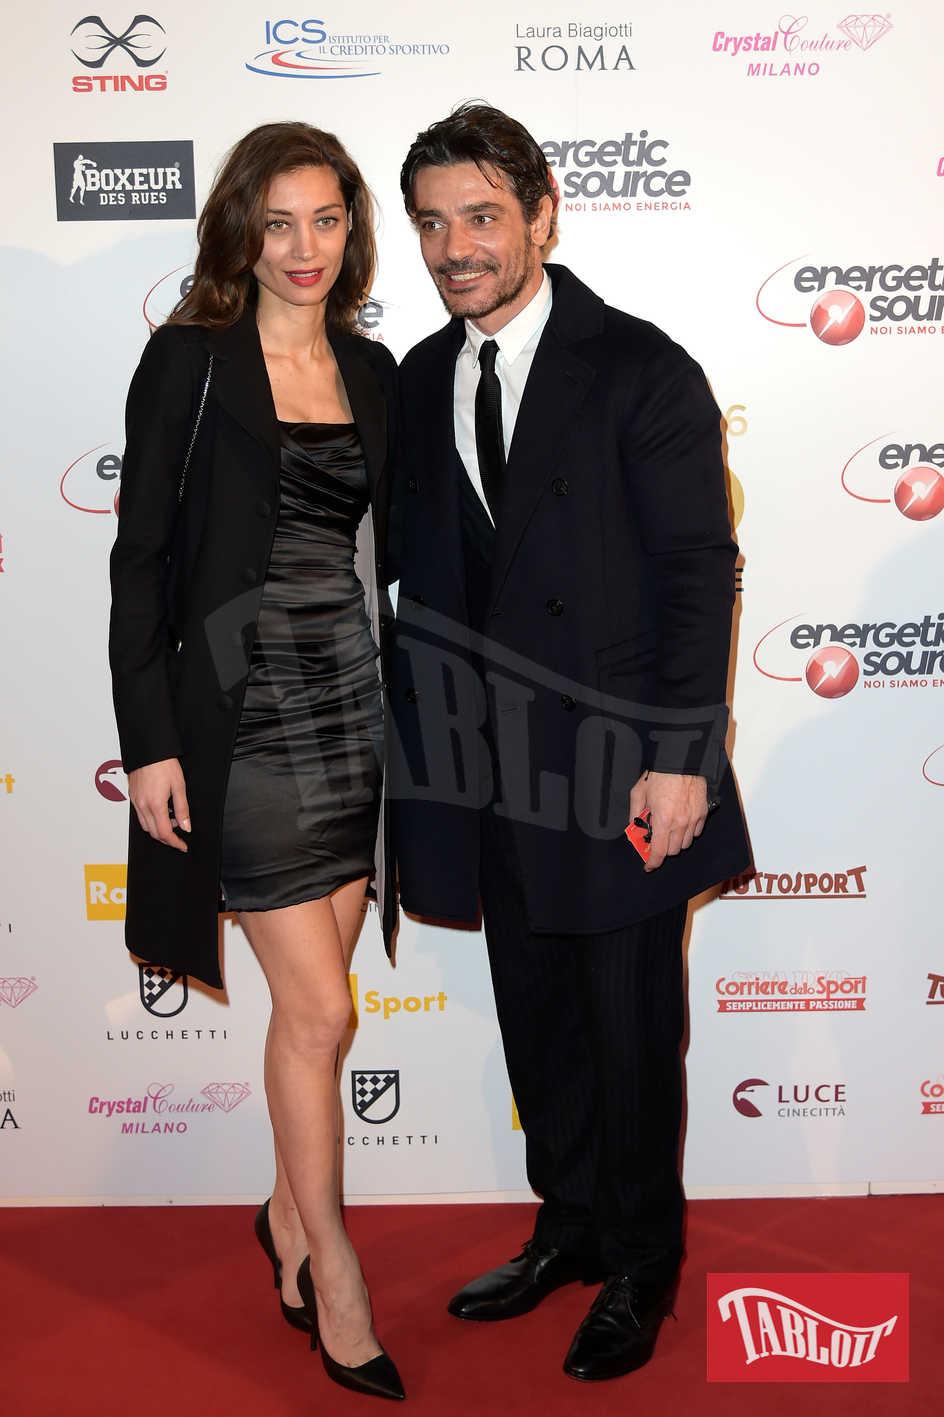 Margareth Madè e Giuseppe Zeno sul red carpet in occasione di un evento mondano a Roma